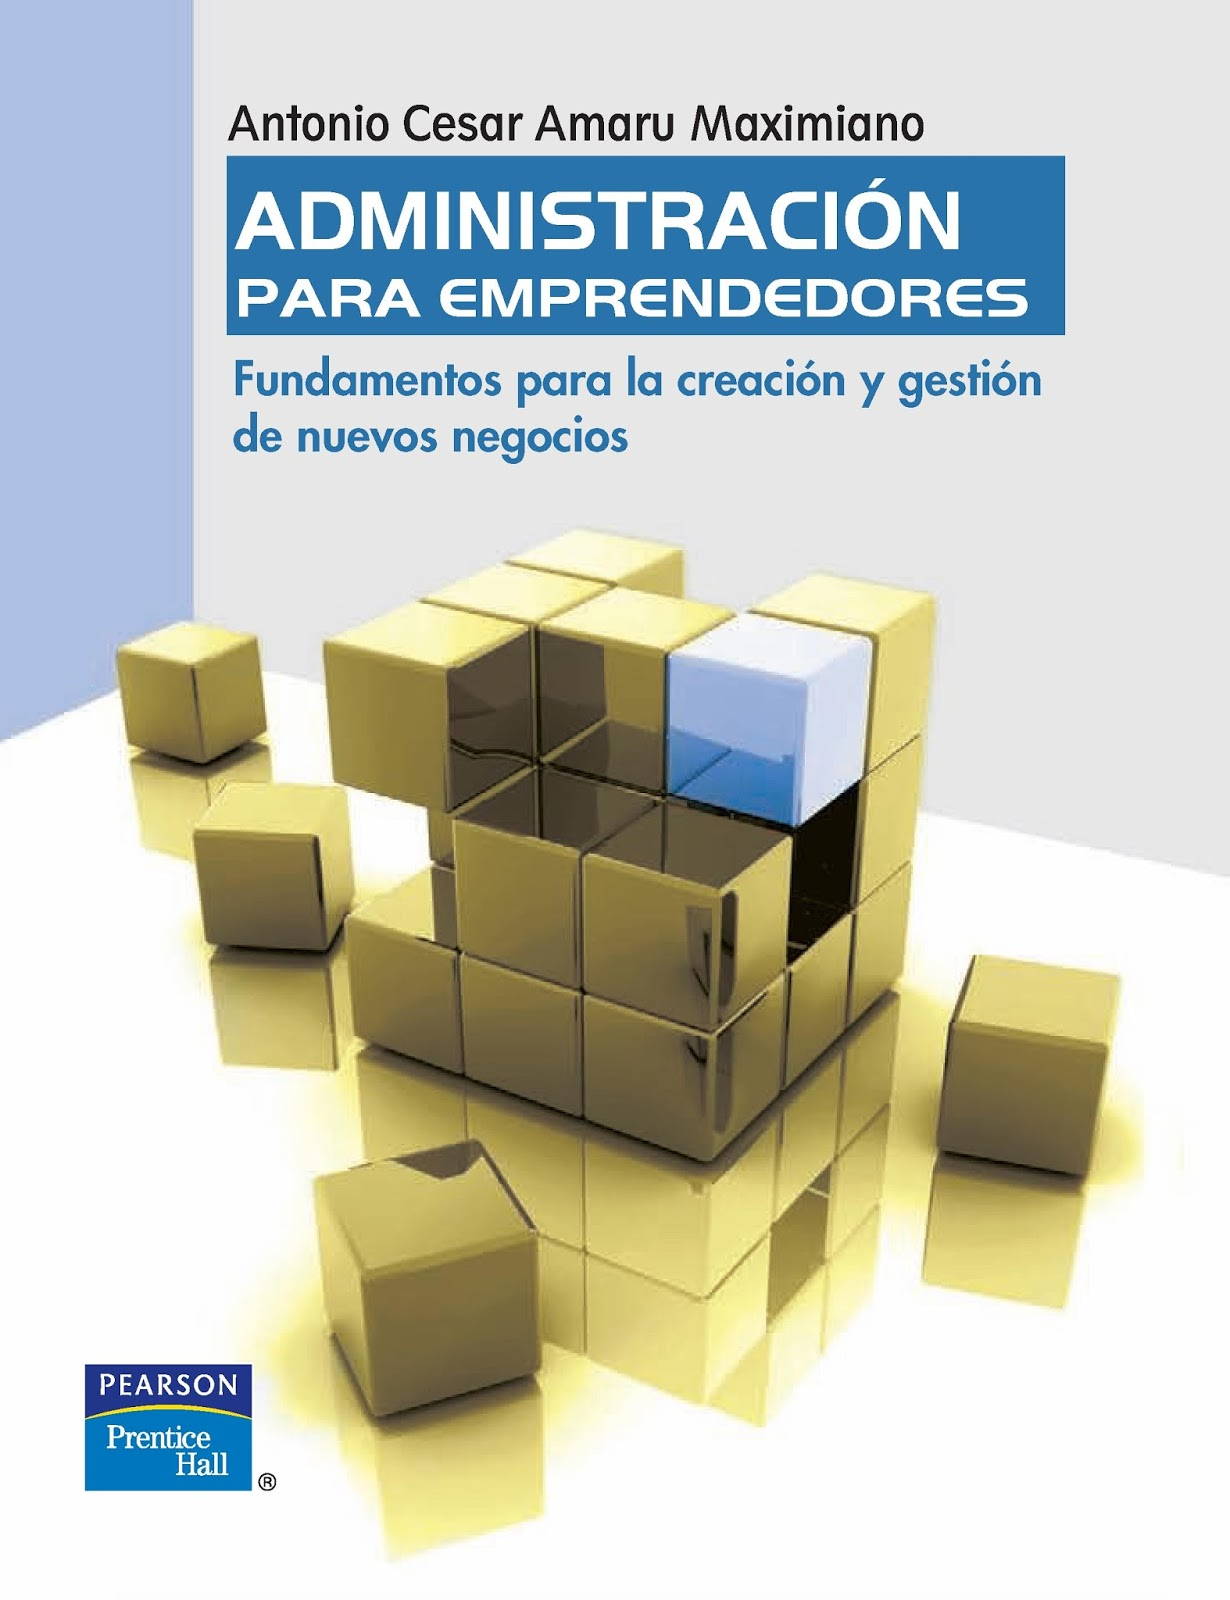 Administración para emprendedores: Fundamentos para la creación y gestión de nuevos negocios – Antonio Cesar Amaru Maximiano